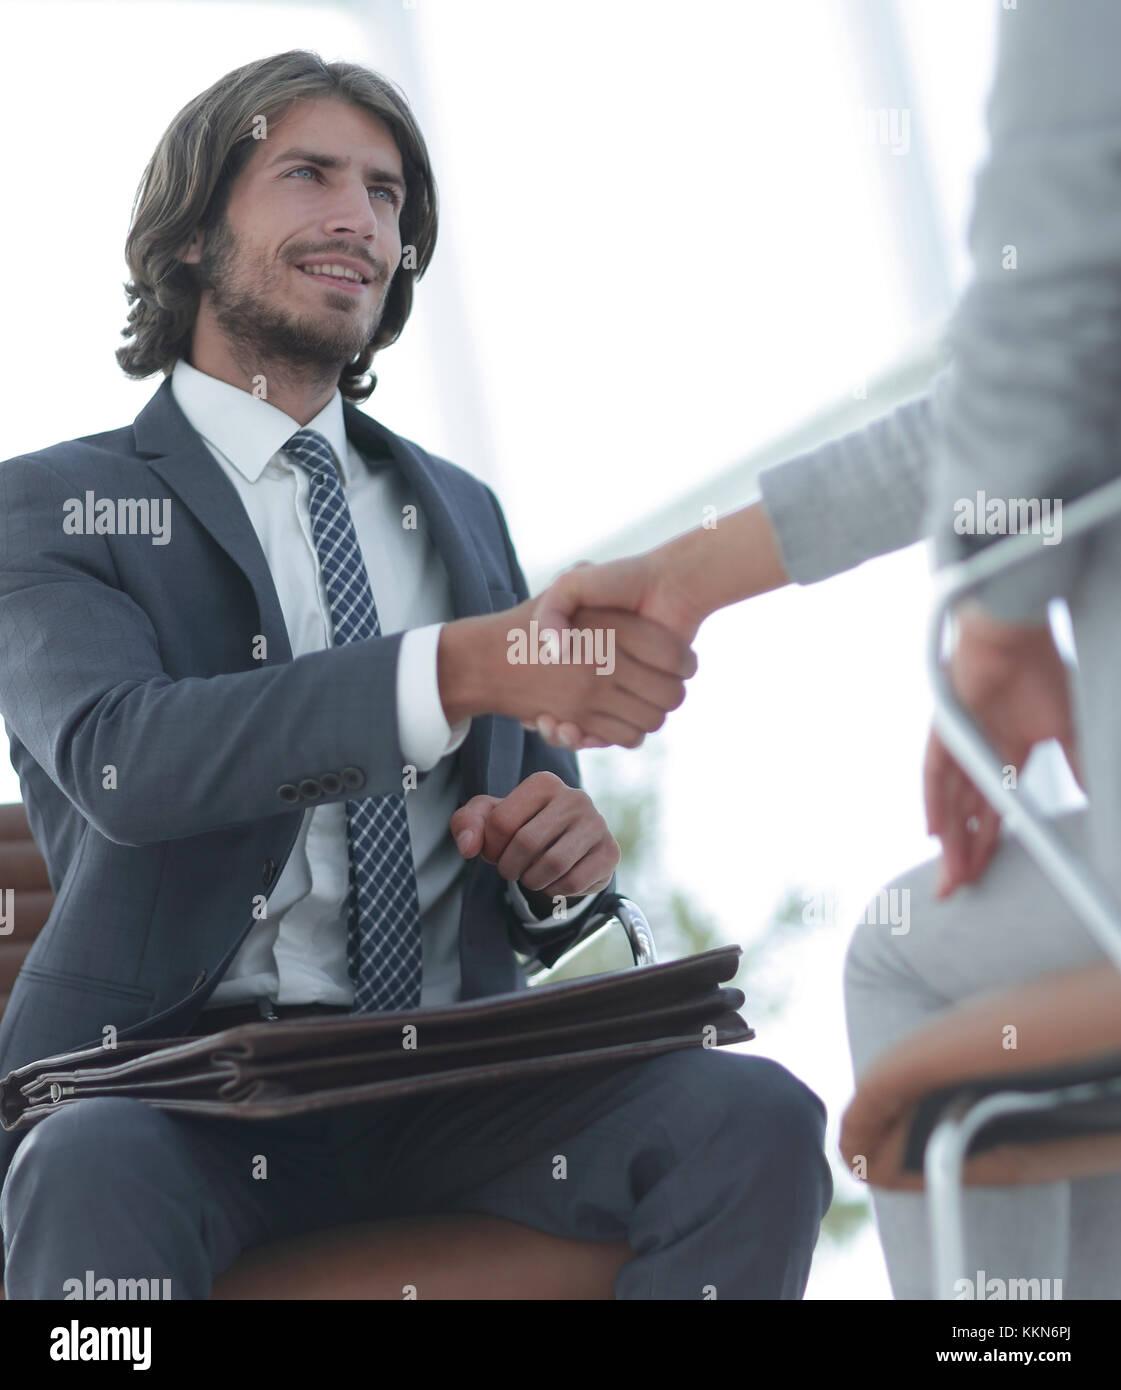 Entrevista de trabajo con éxito con el jefe y el empleado handshaking Imagen De Stock